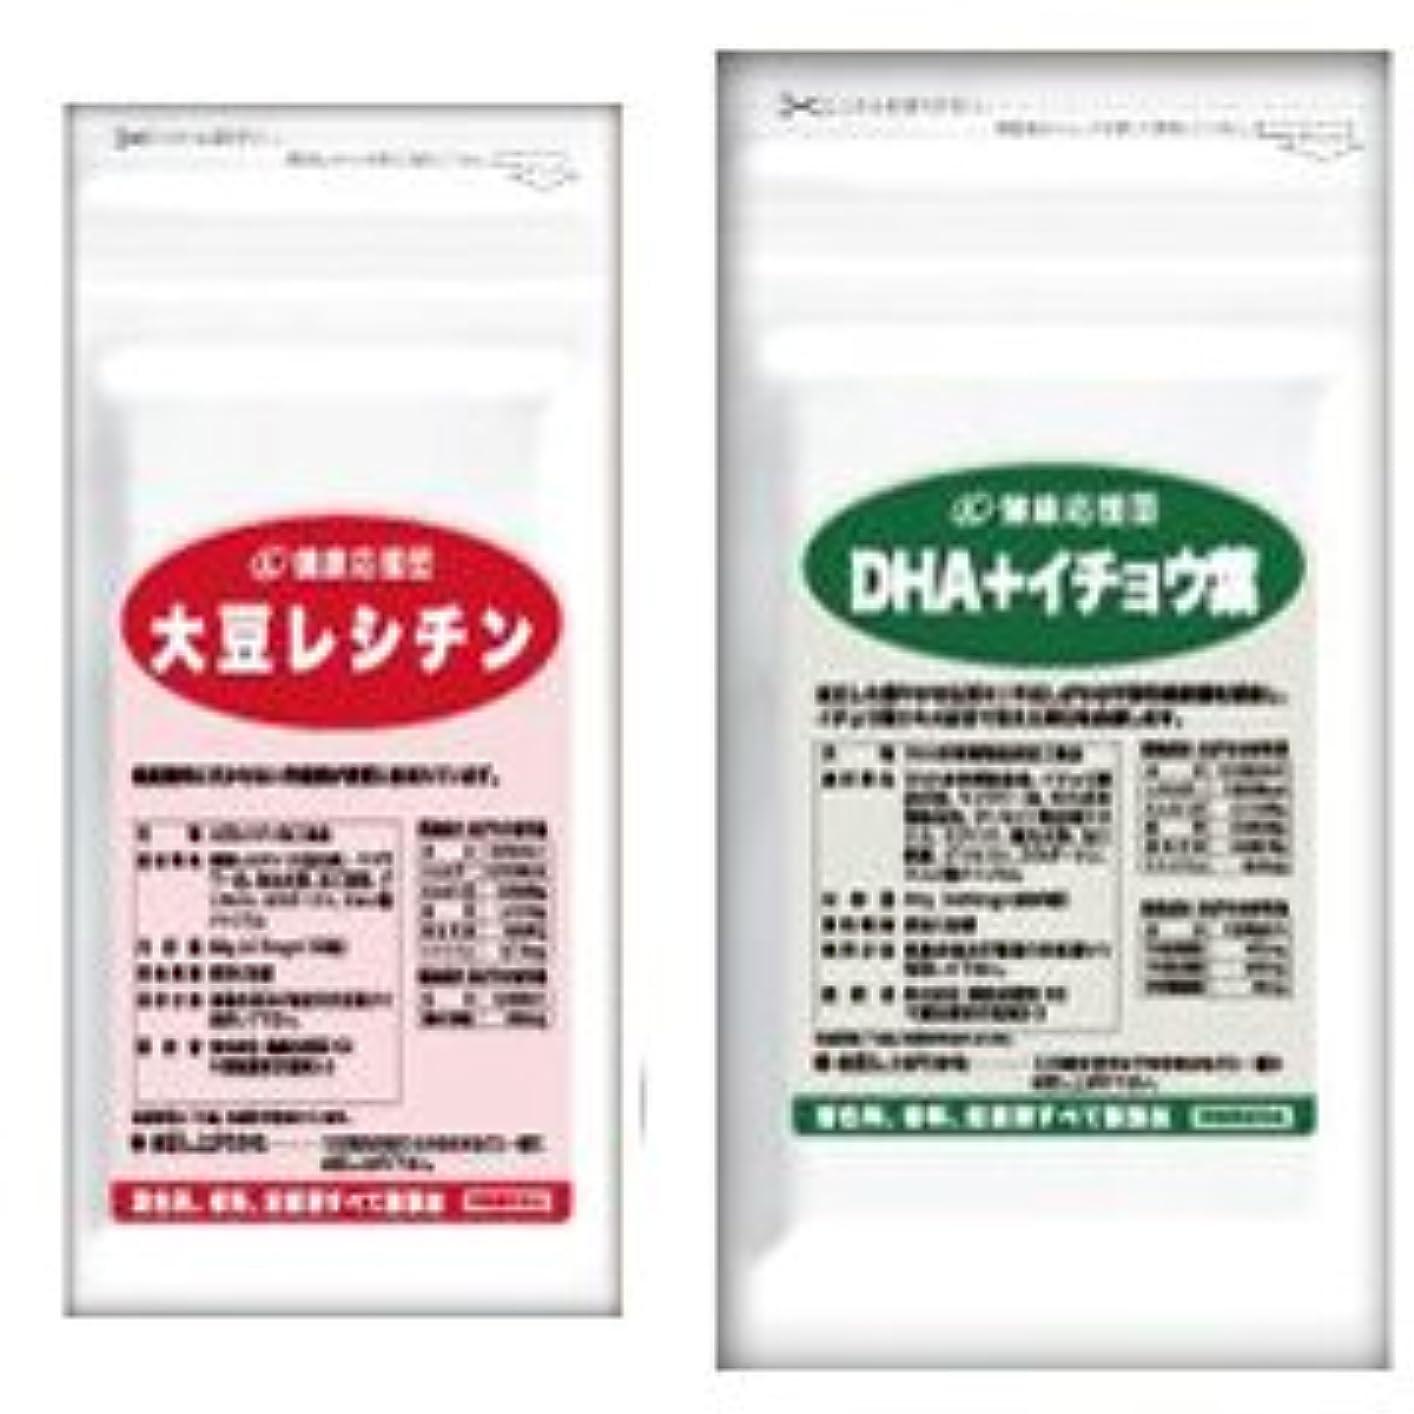 厄介なツーリスト牧草地流れサラサラセット 大豆レシチン+(DHA+イチョウ葉) (DHA?EPA?イチョウ葉)